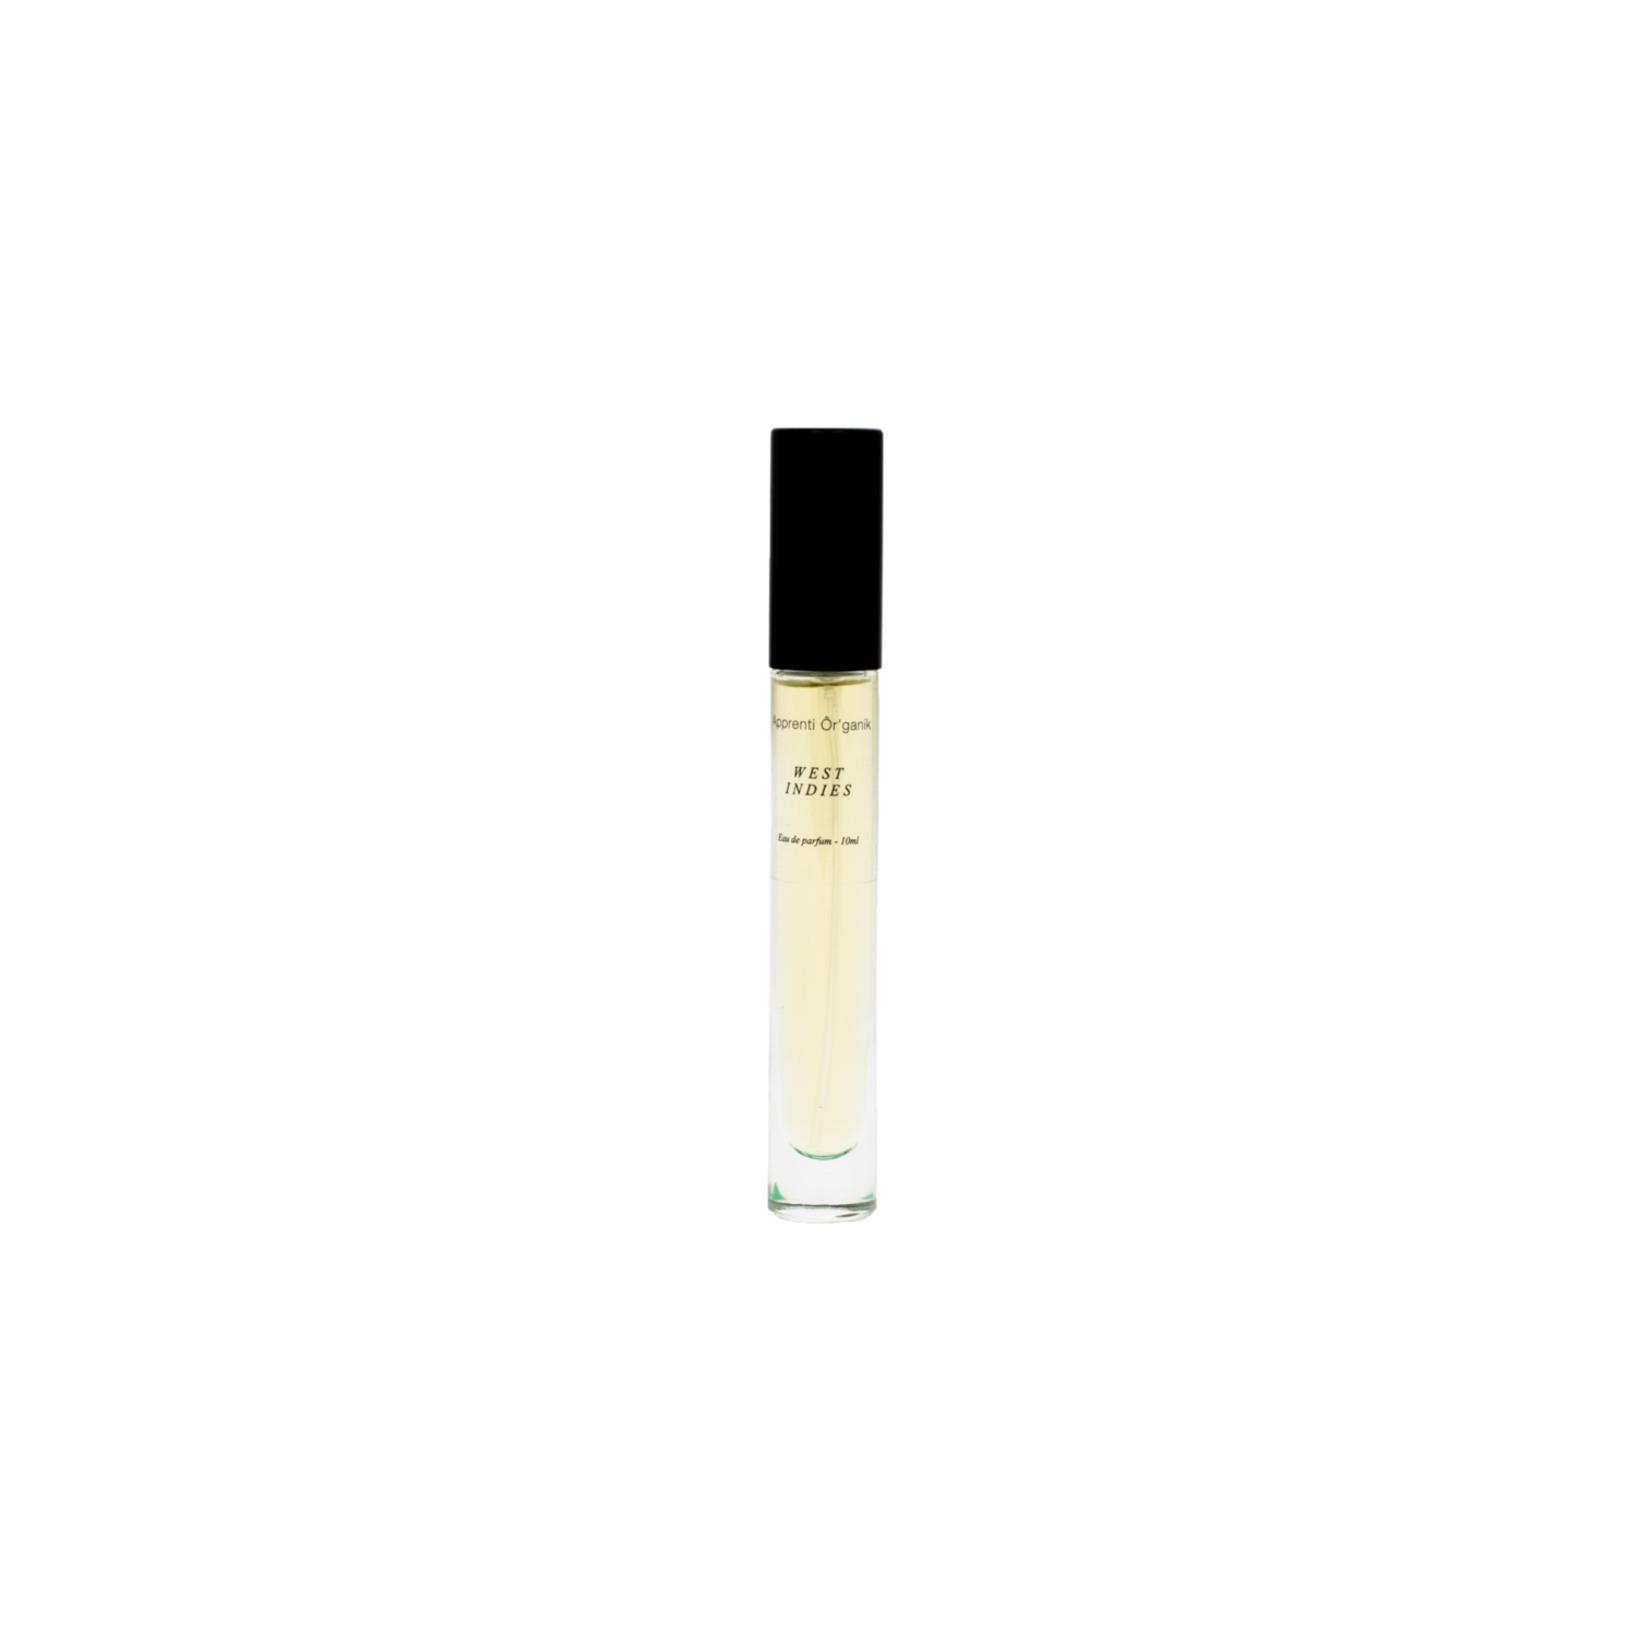 Apprenti Or'ganik Parfum West indies 10ml